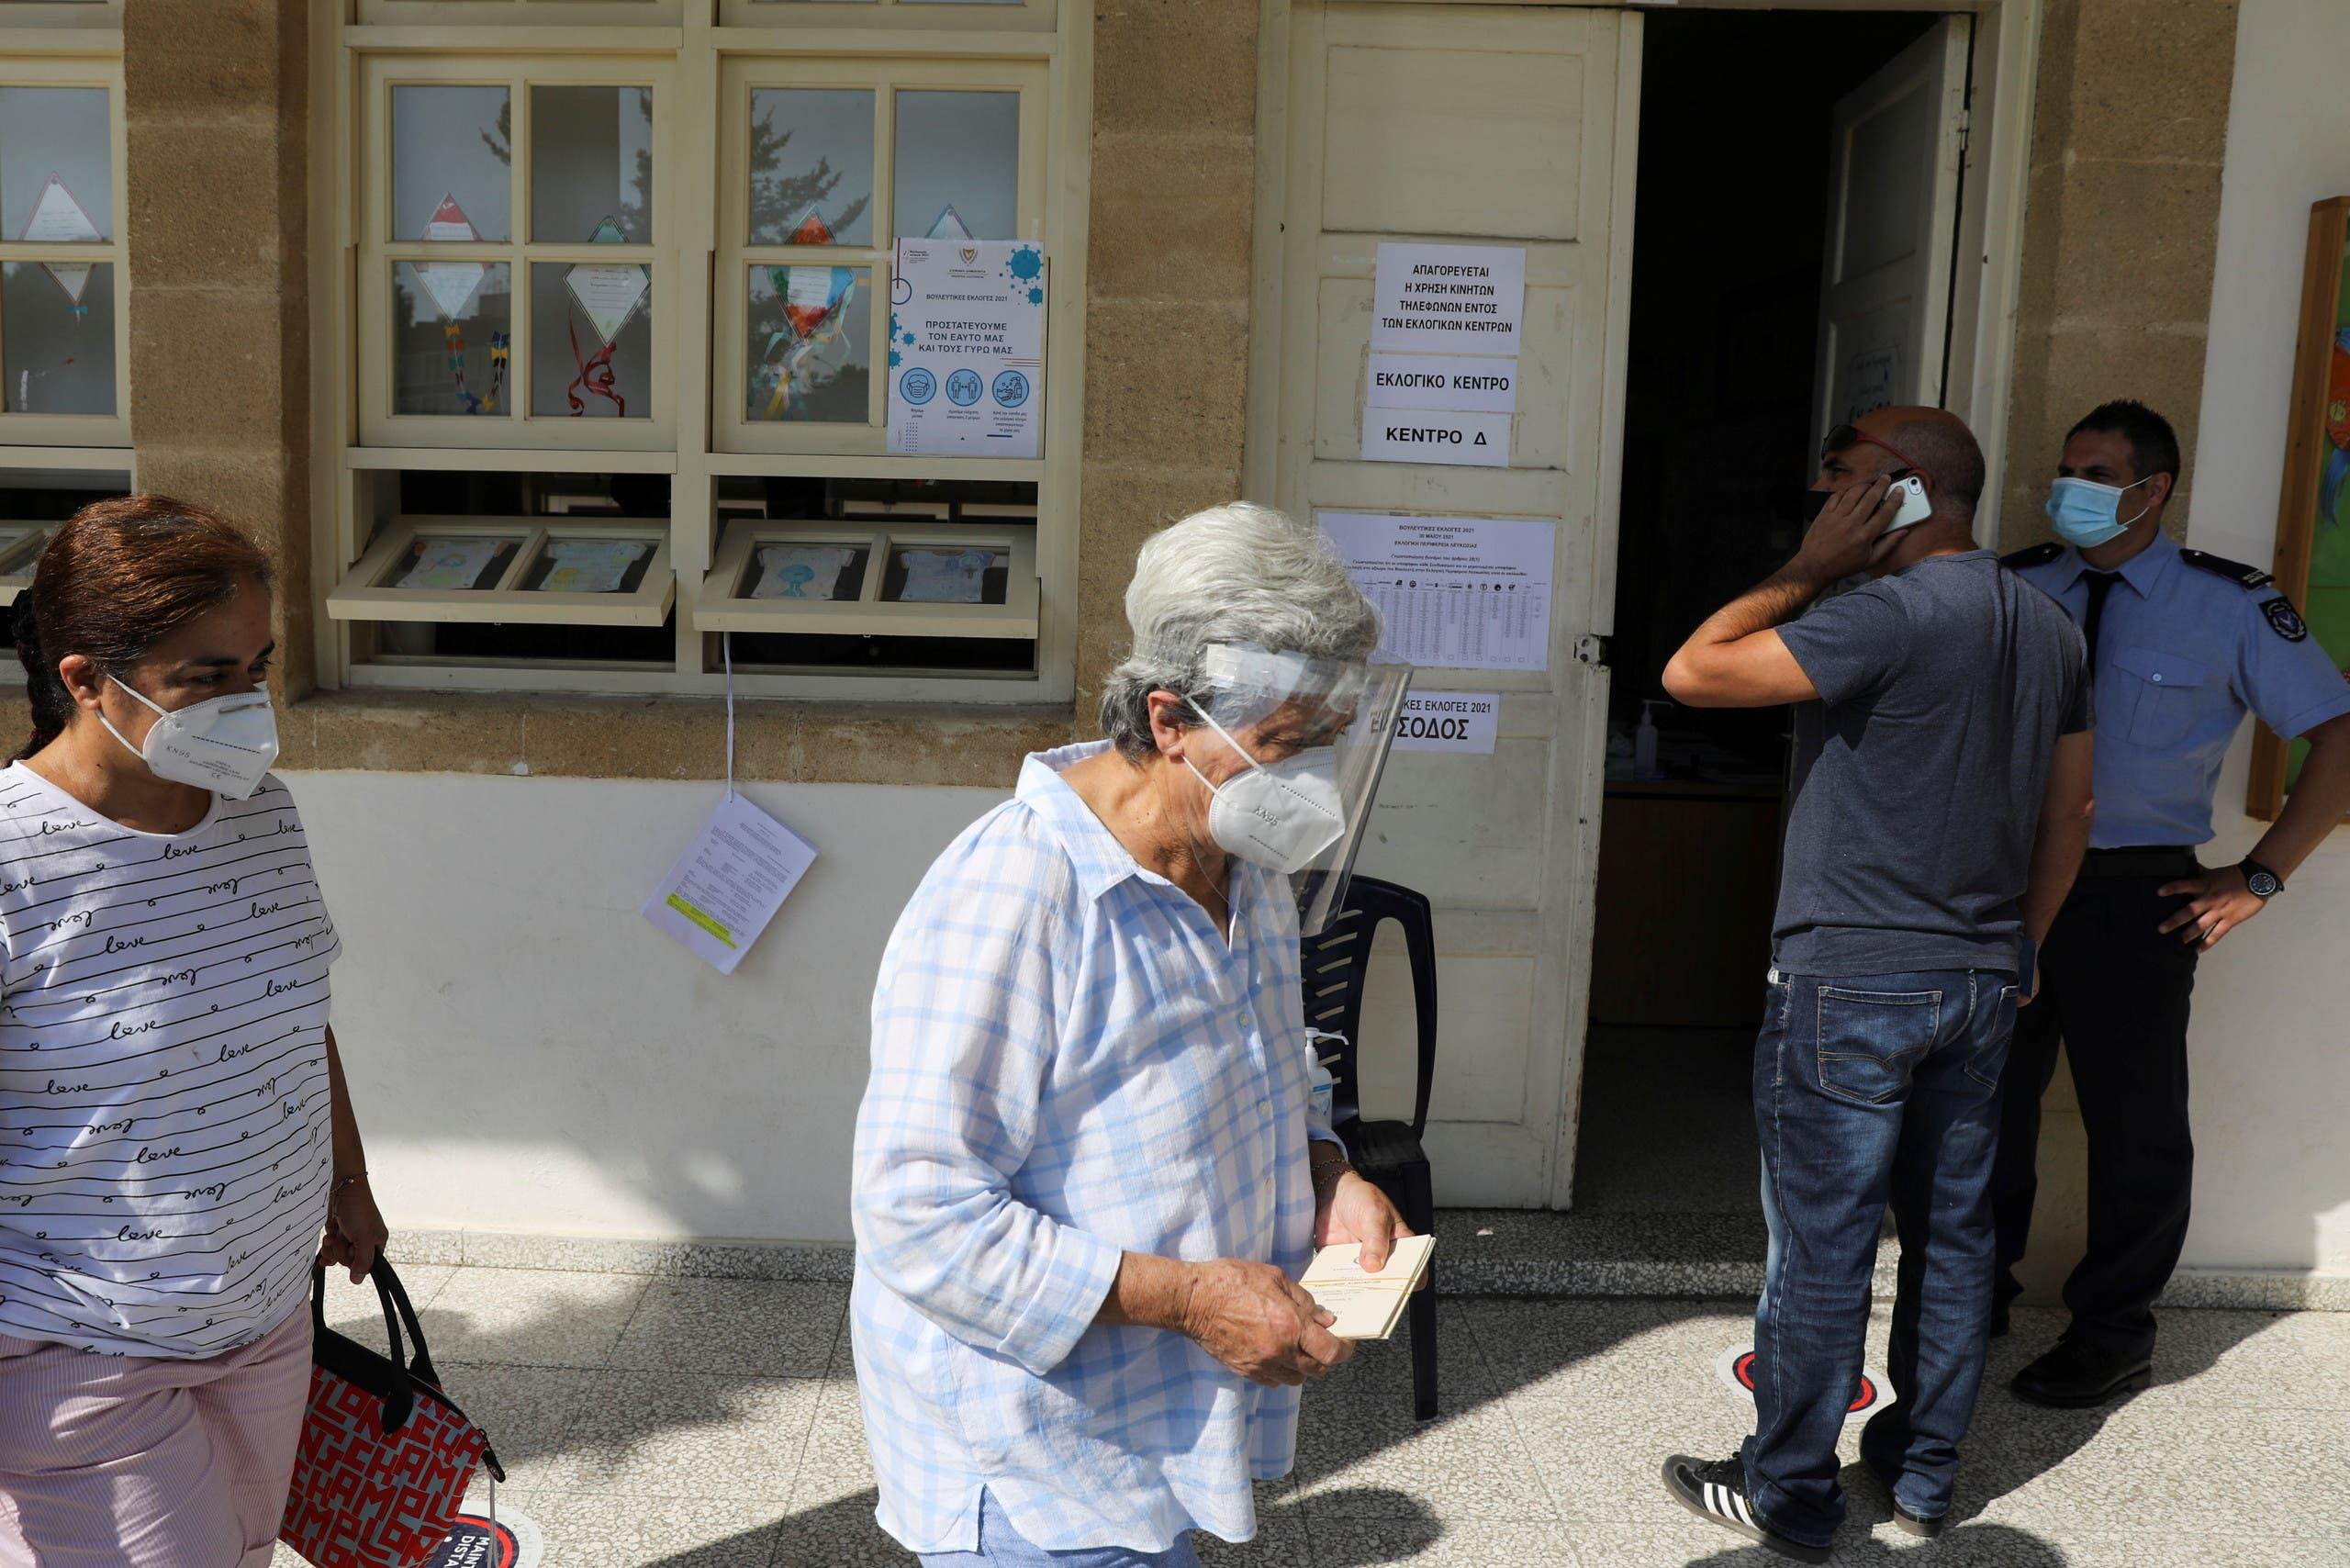 طابور انتظار للتصويت اليوم في قبرص